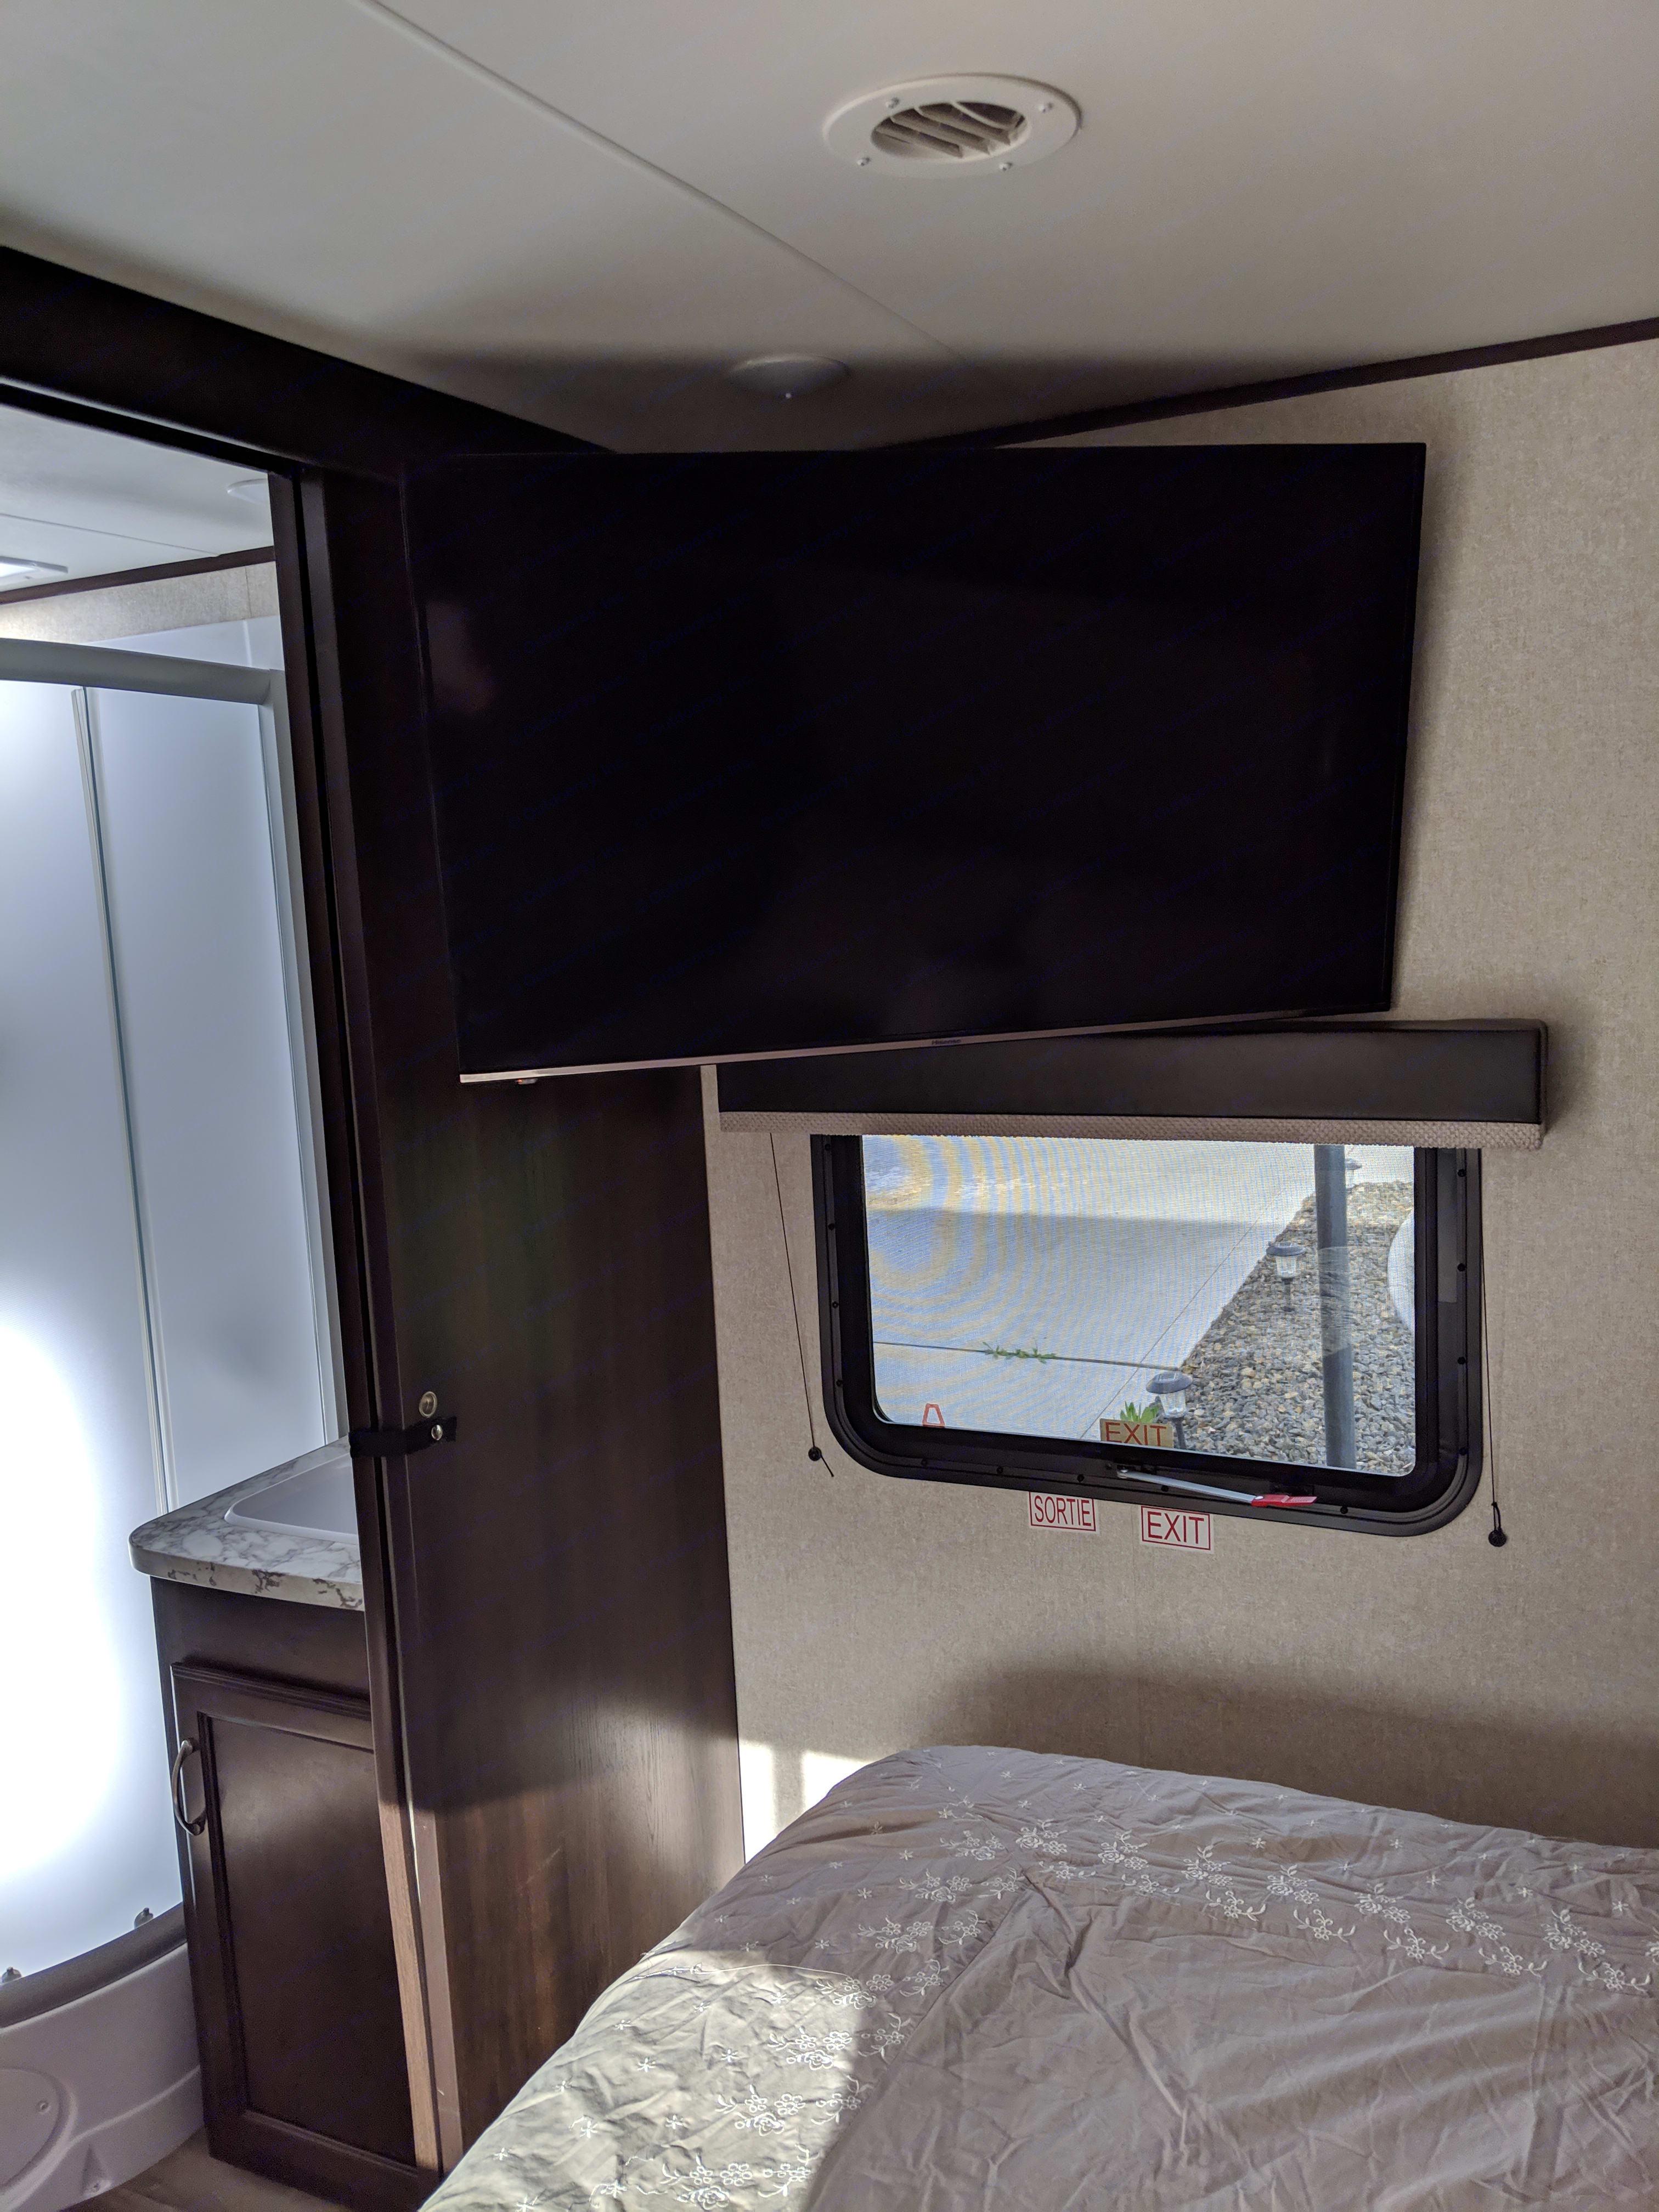 43 in flat screen in bedroom. Jayco Jay Flight 2018